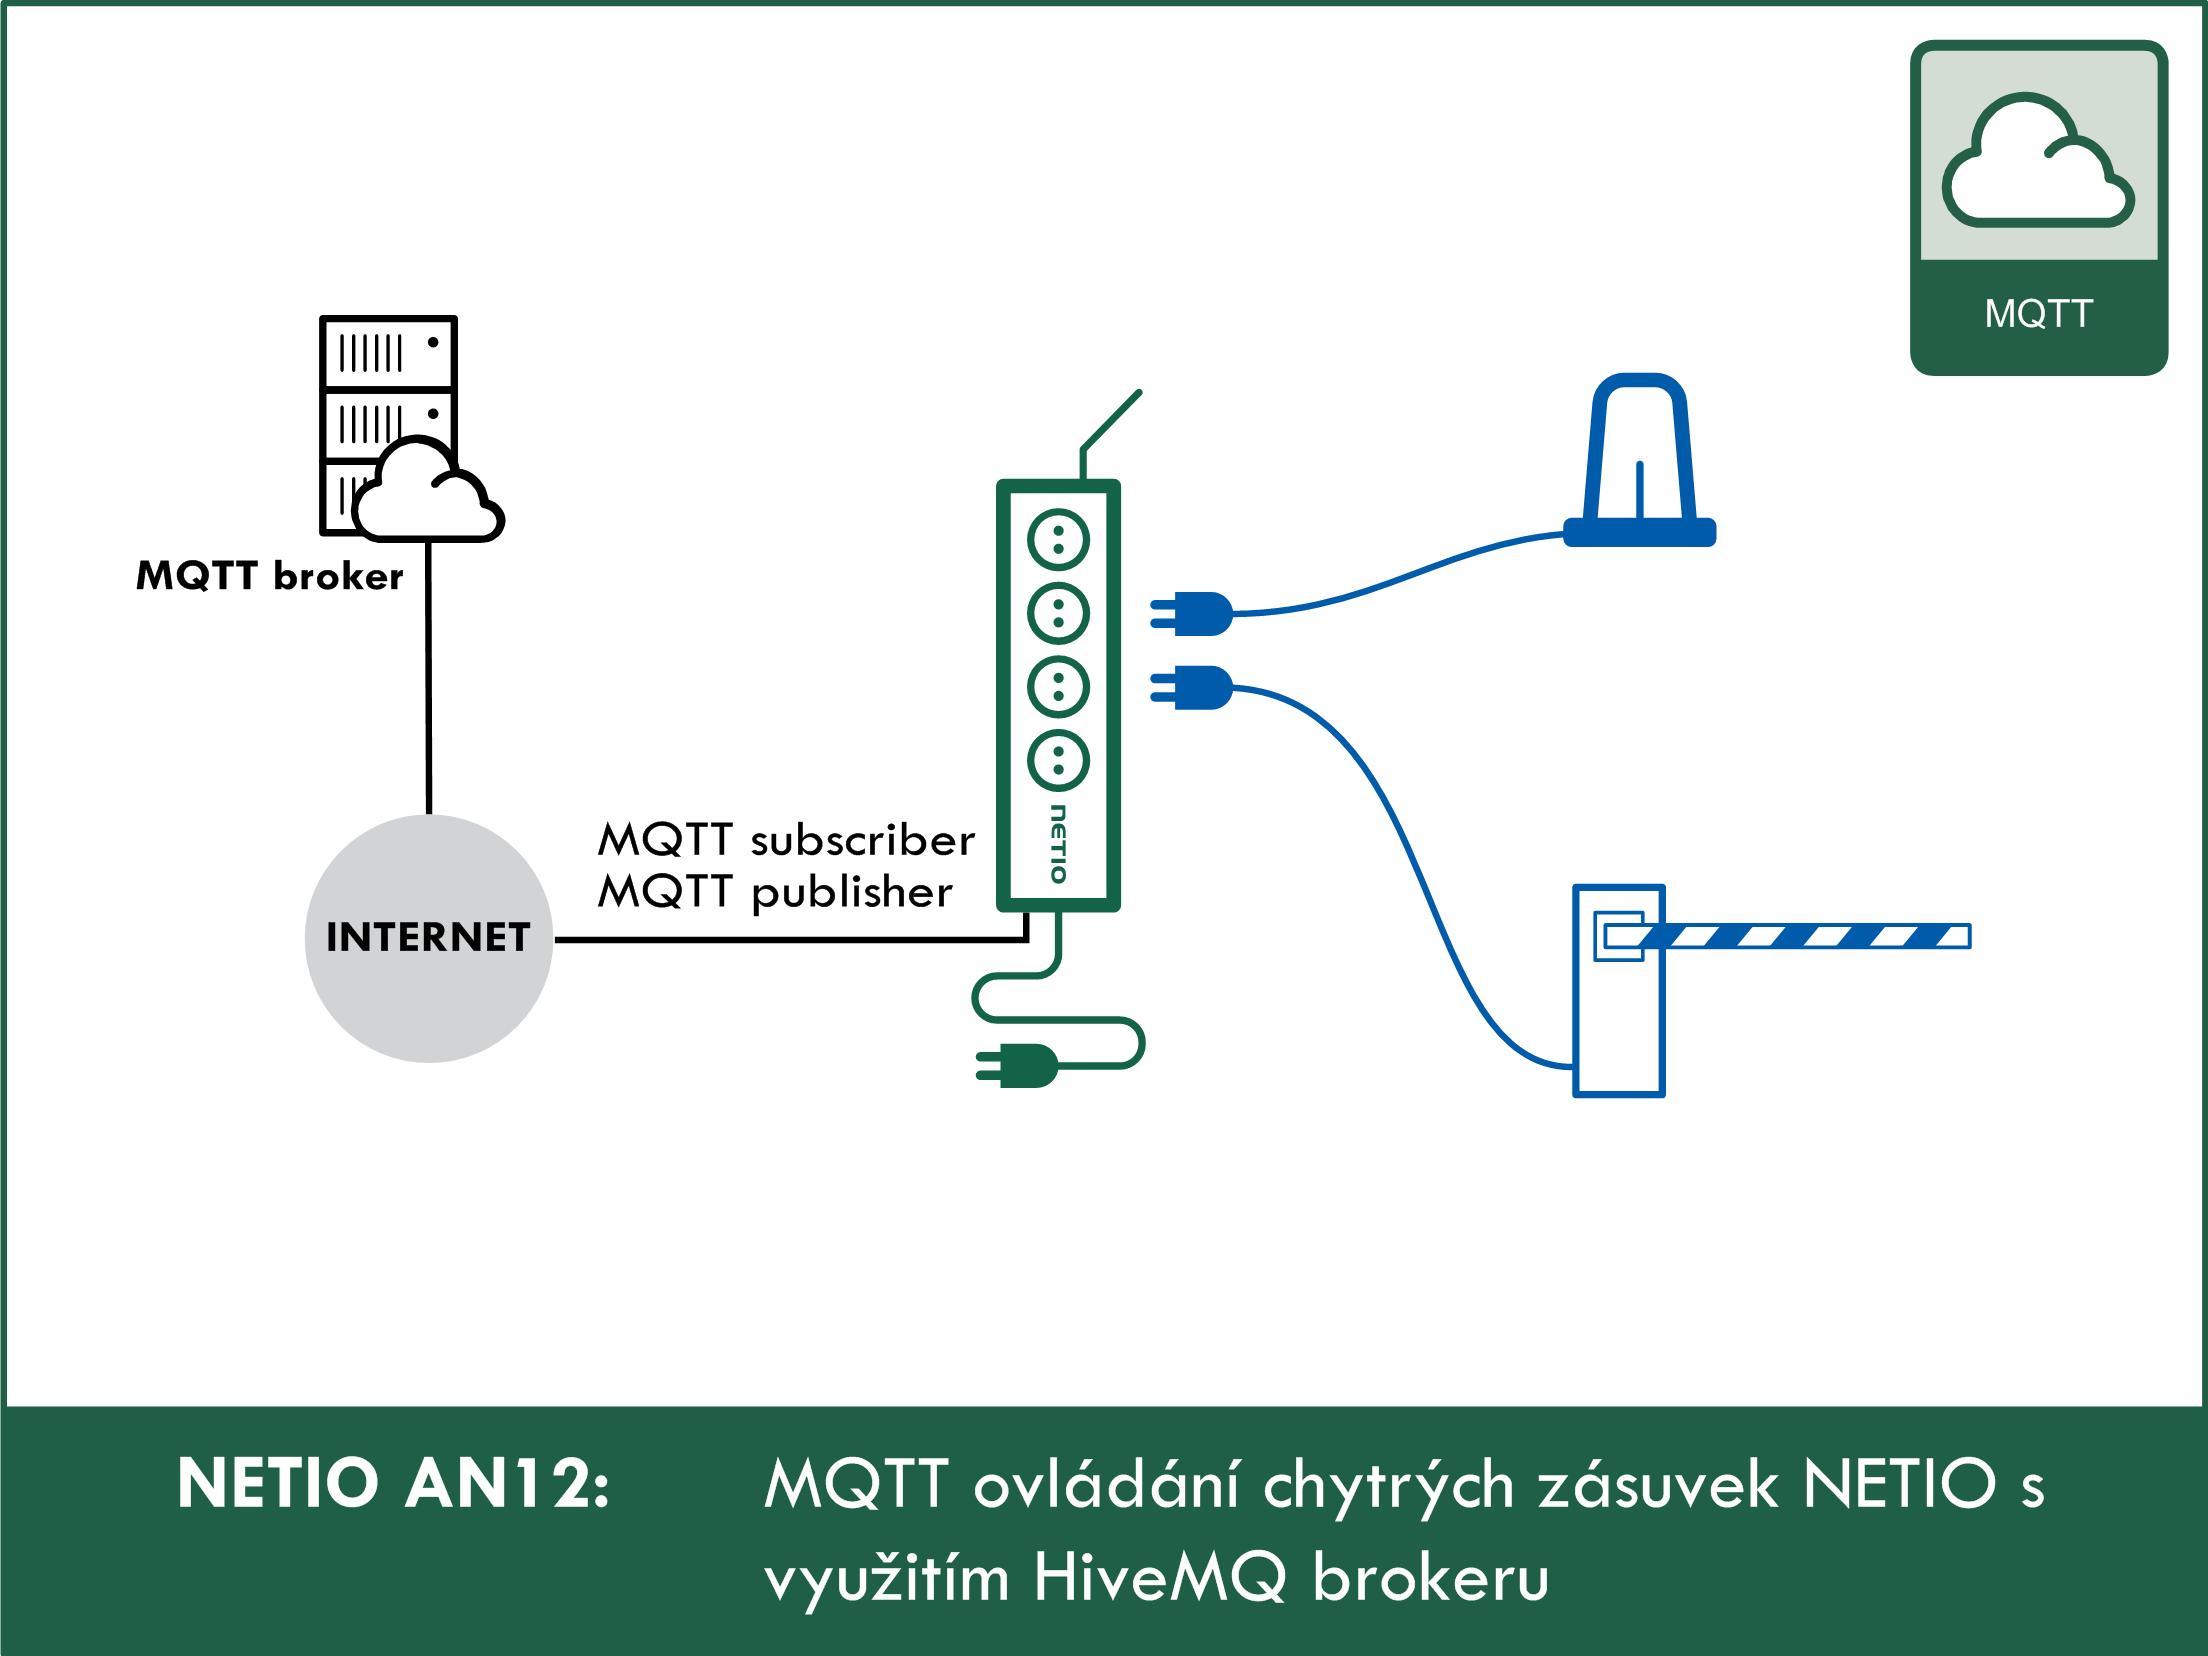 Ovládání chytrých zásuvek NETIO s využitím HiveMQ brokeru